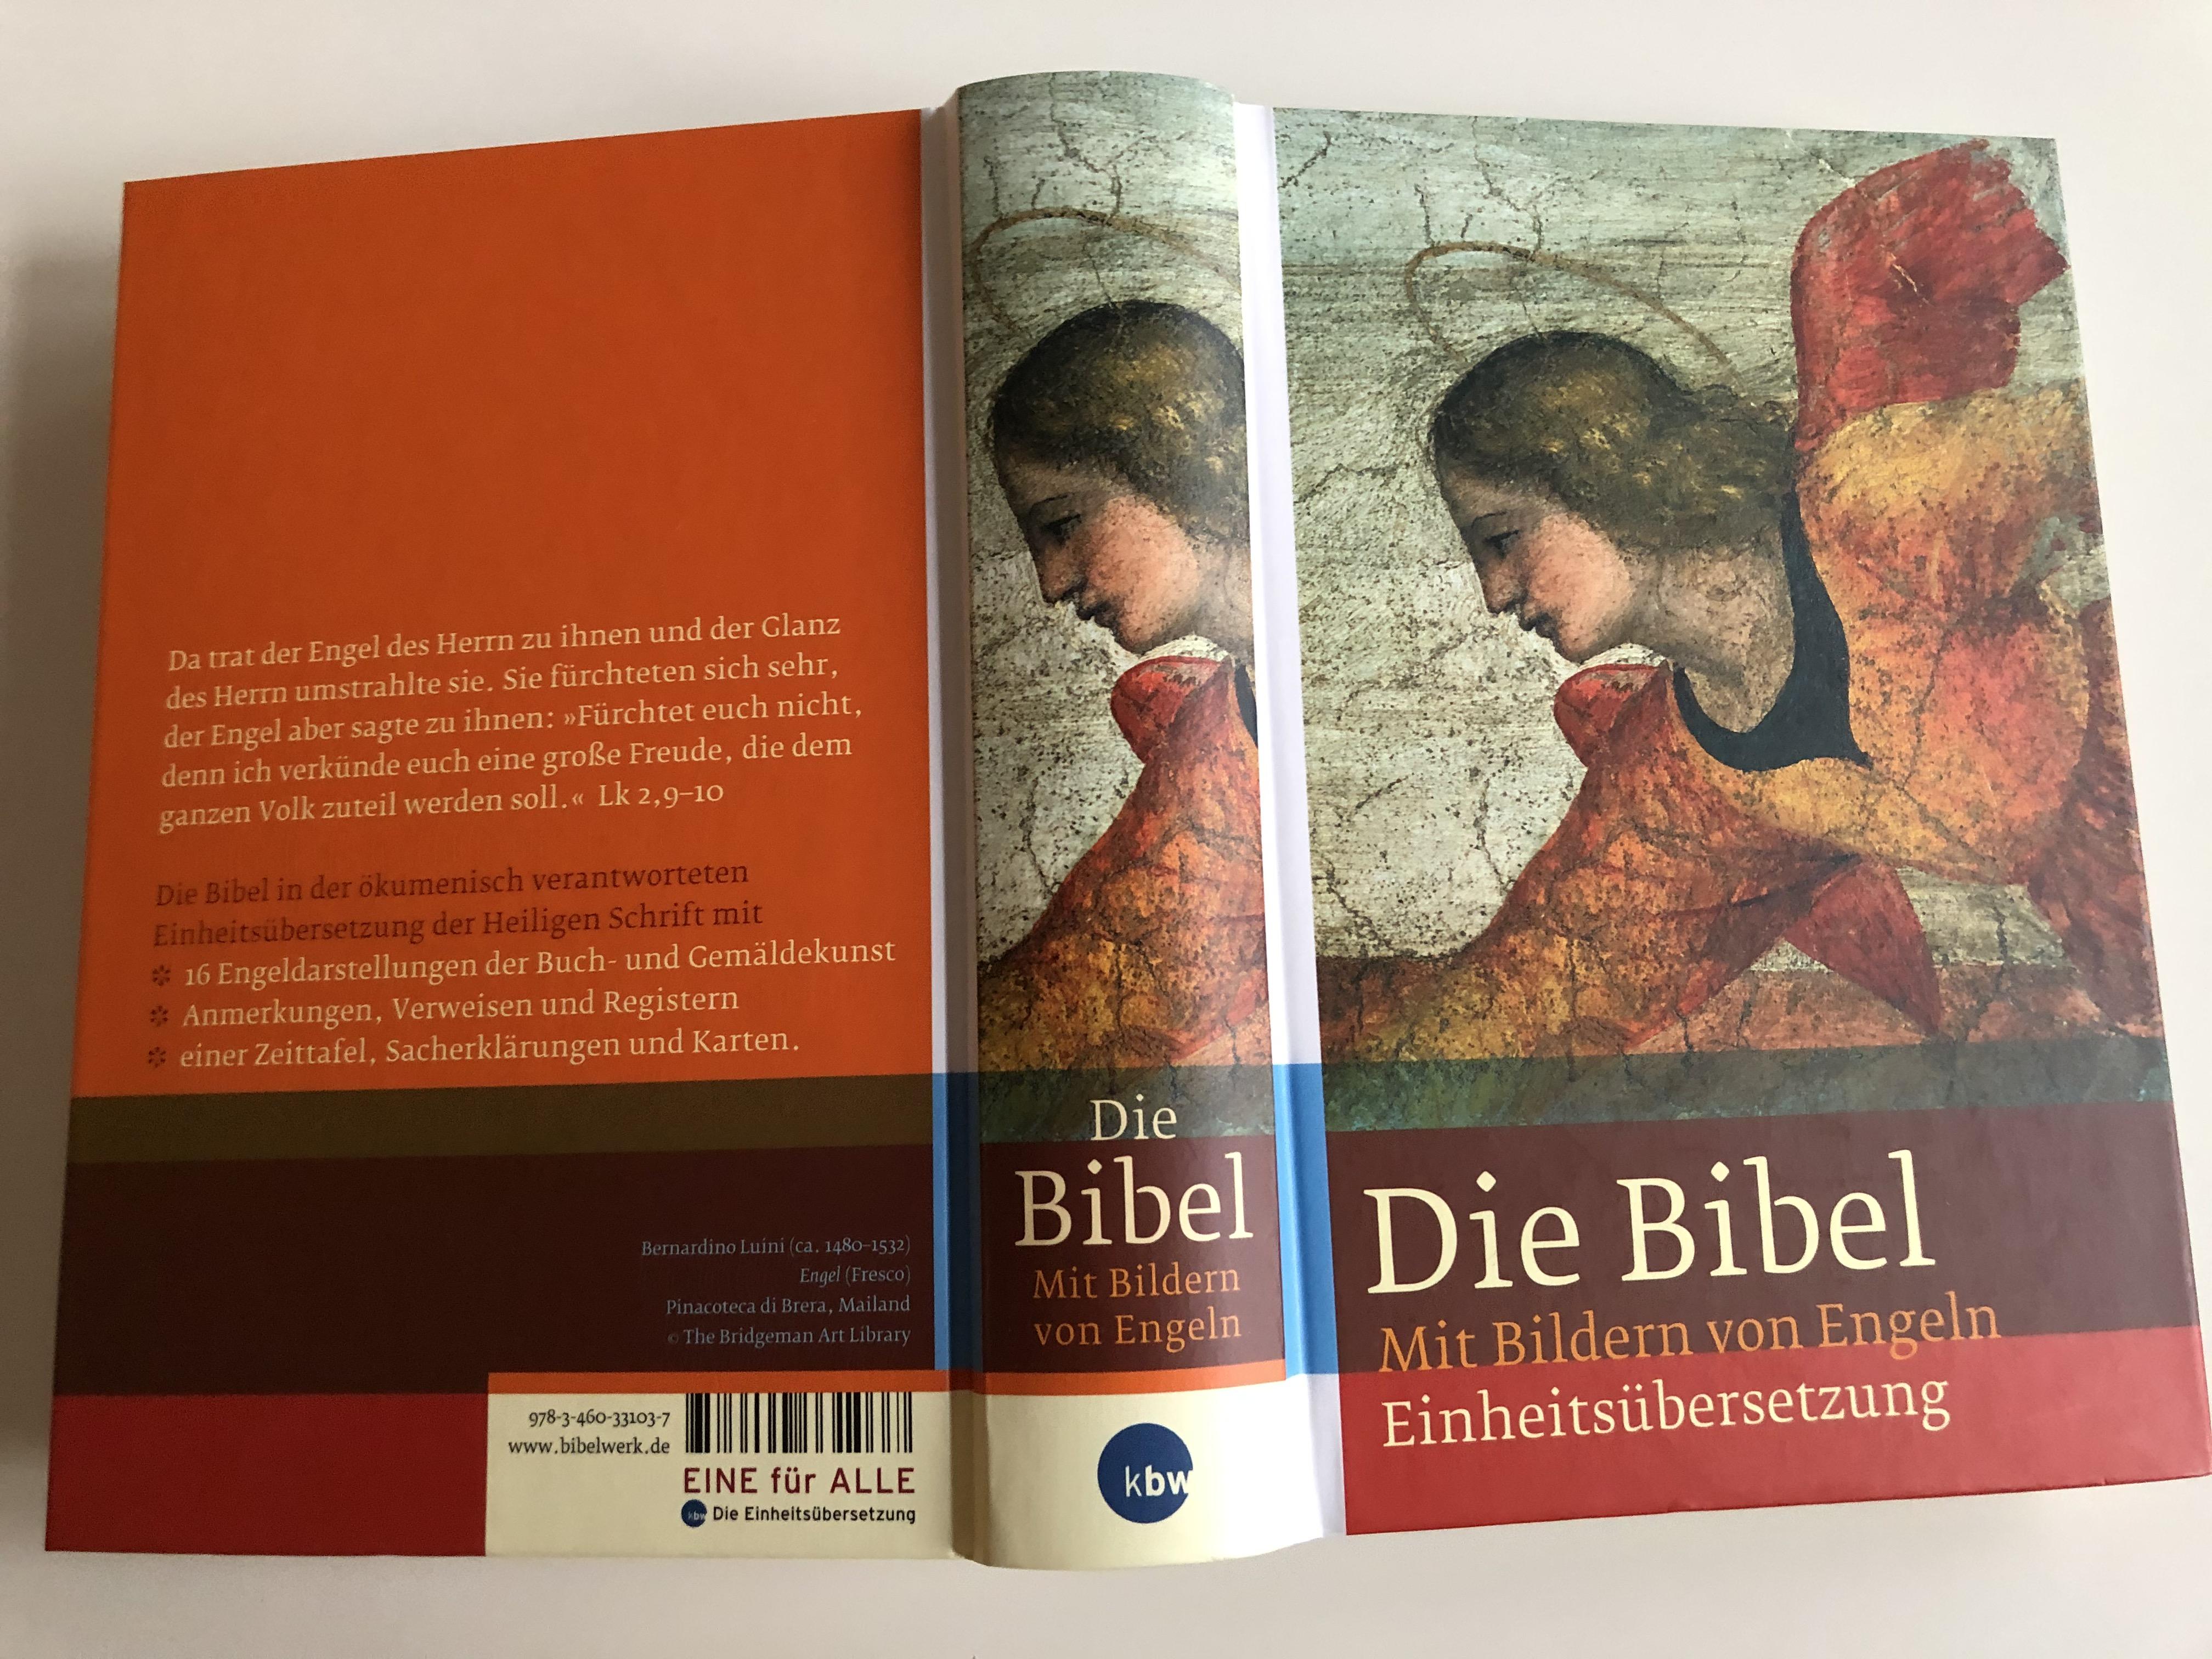 illustrated-german-bible-die-bibel-mit-bildern-von-engeln-5.jpg